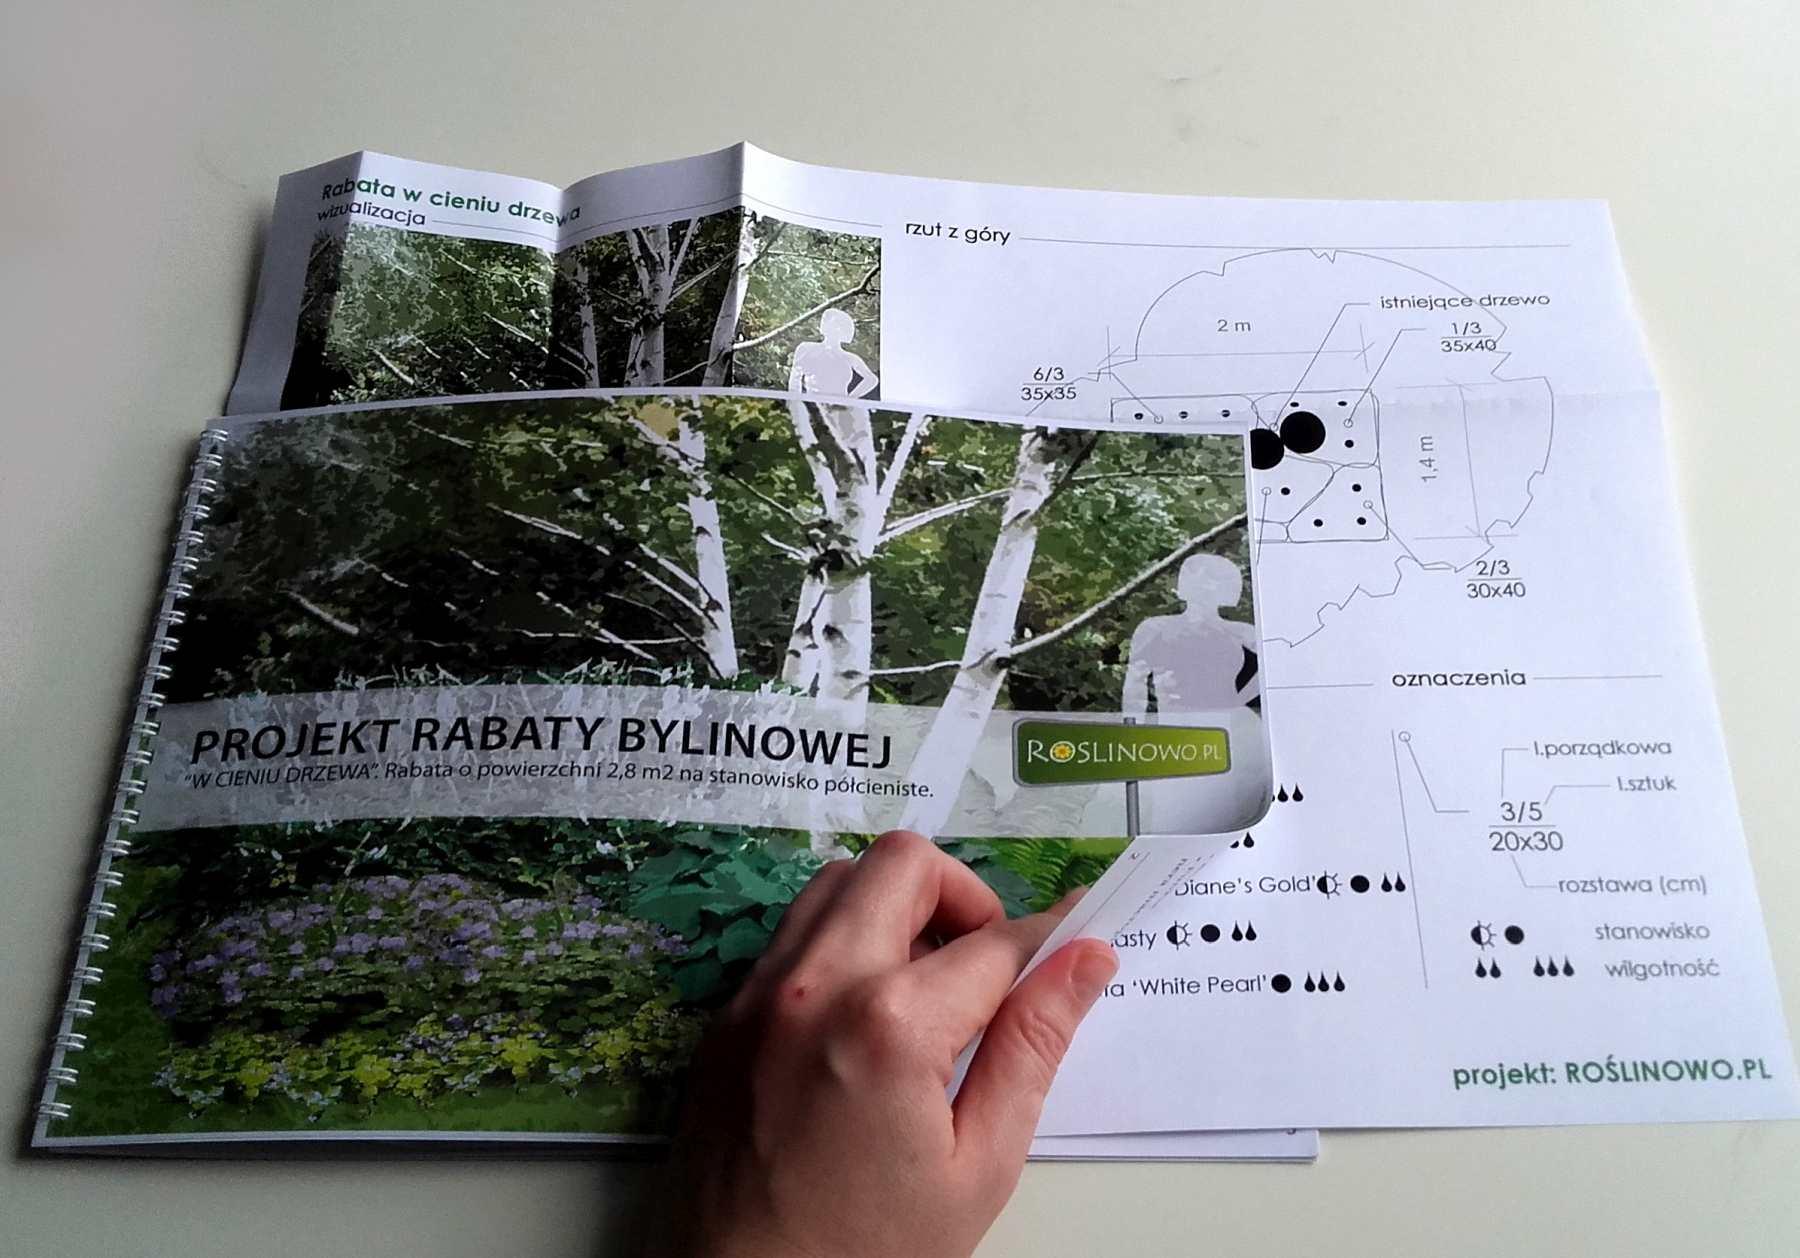 wydrukowany projekt rabaty w cieniu drzewa